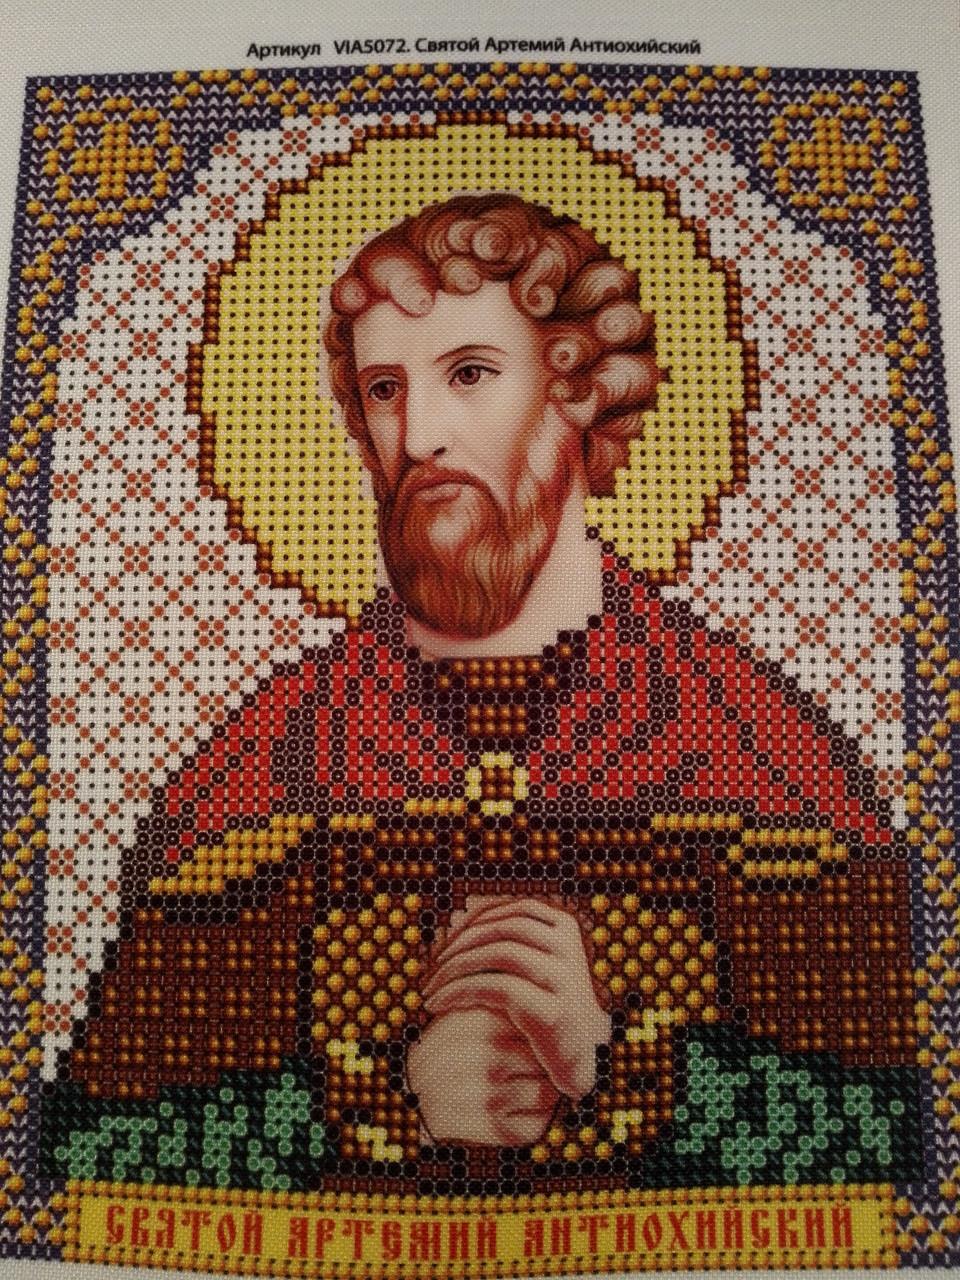 Набор для вышивки бисером икона Святой Артемий Антиохийский VIA 5072